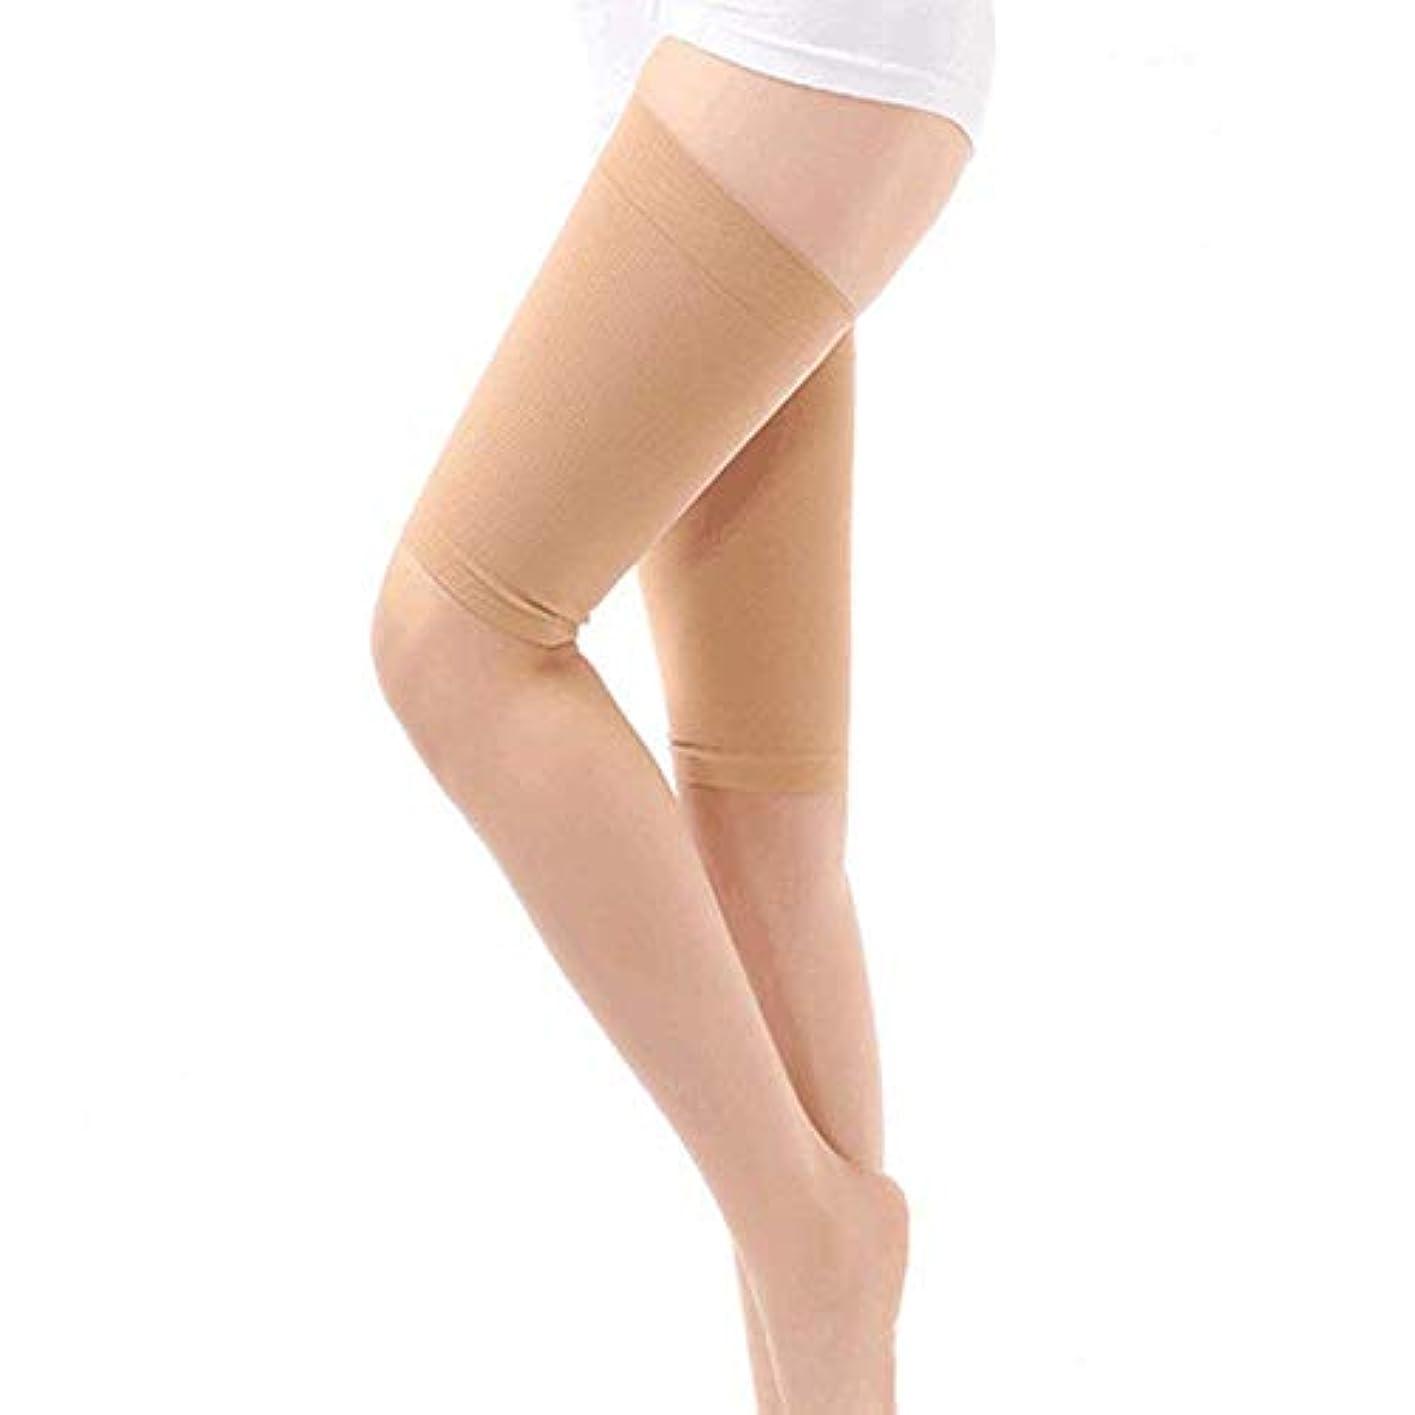 太もも燃焼 むくみ セルライト 除去 婦人科系 に作用 両足セット肌の色